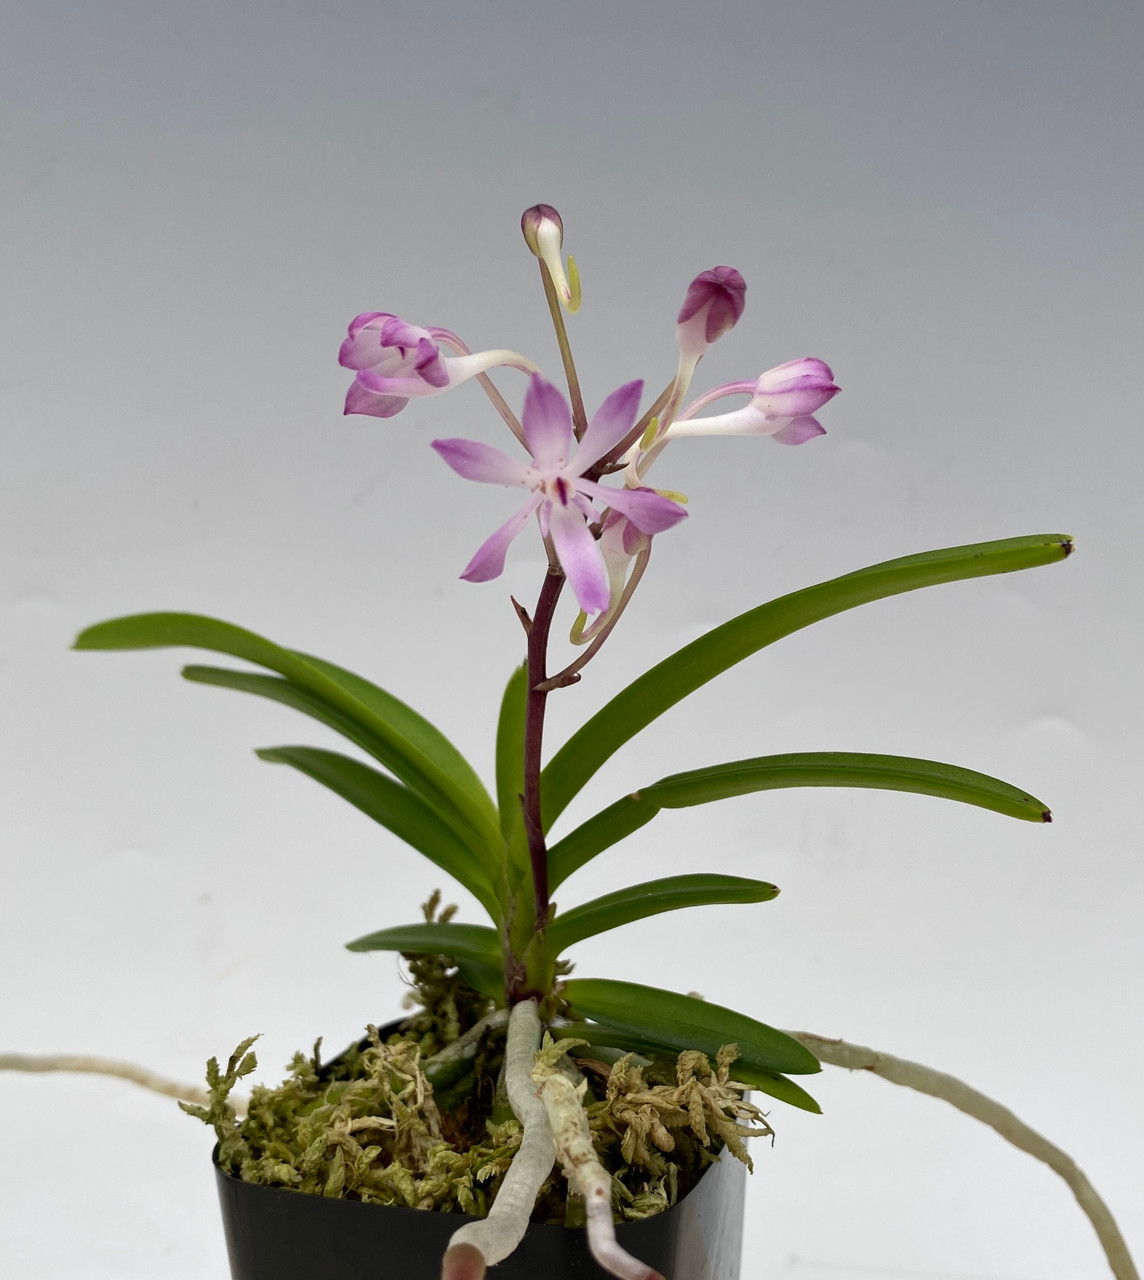 Neostylis Lou Sneary (N. falcata 'Shutennou' x Rhy. coelestis 'Lavender Lupin')